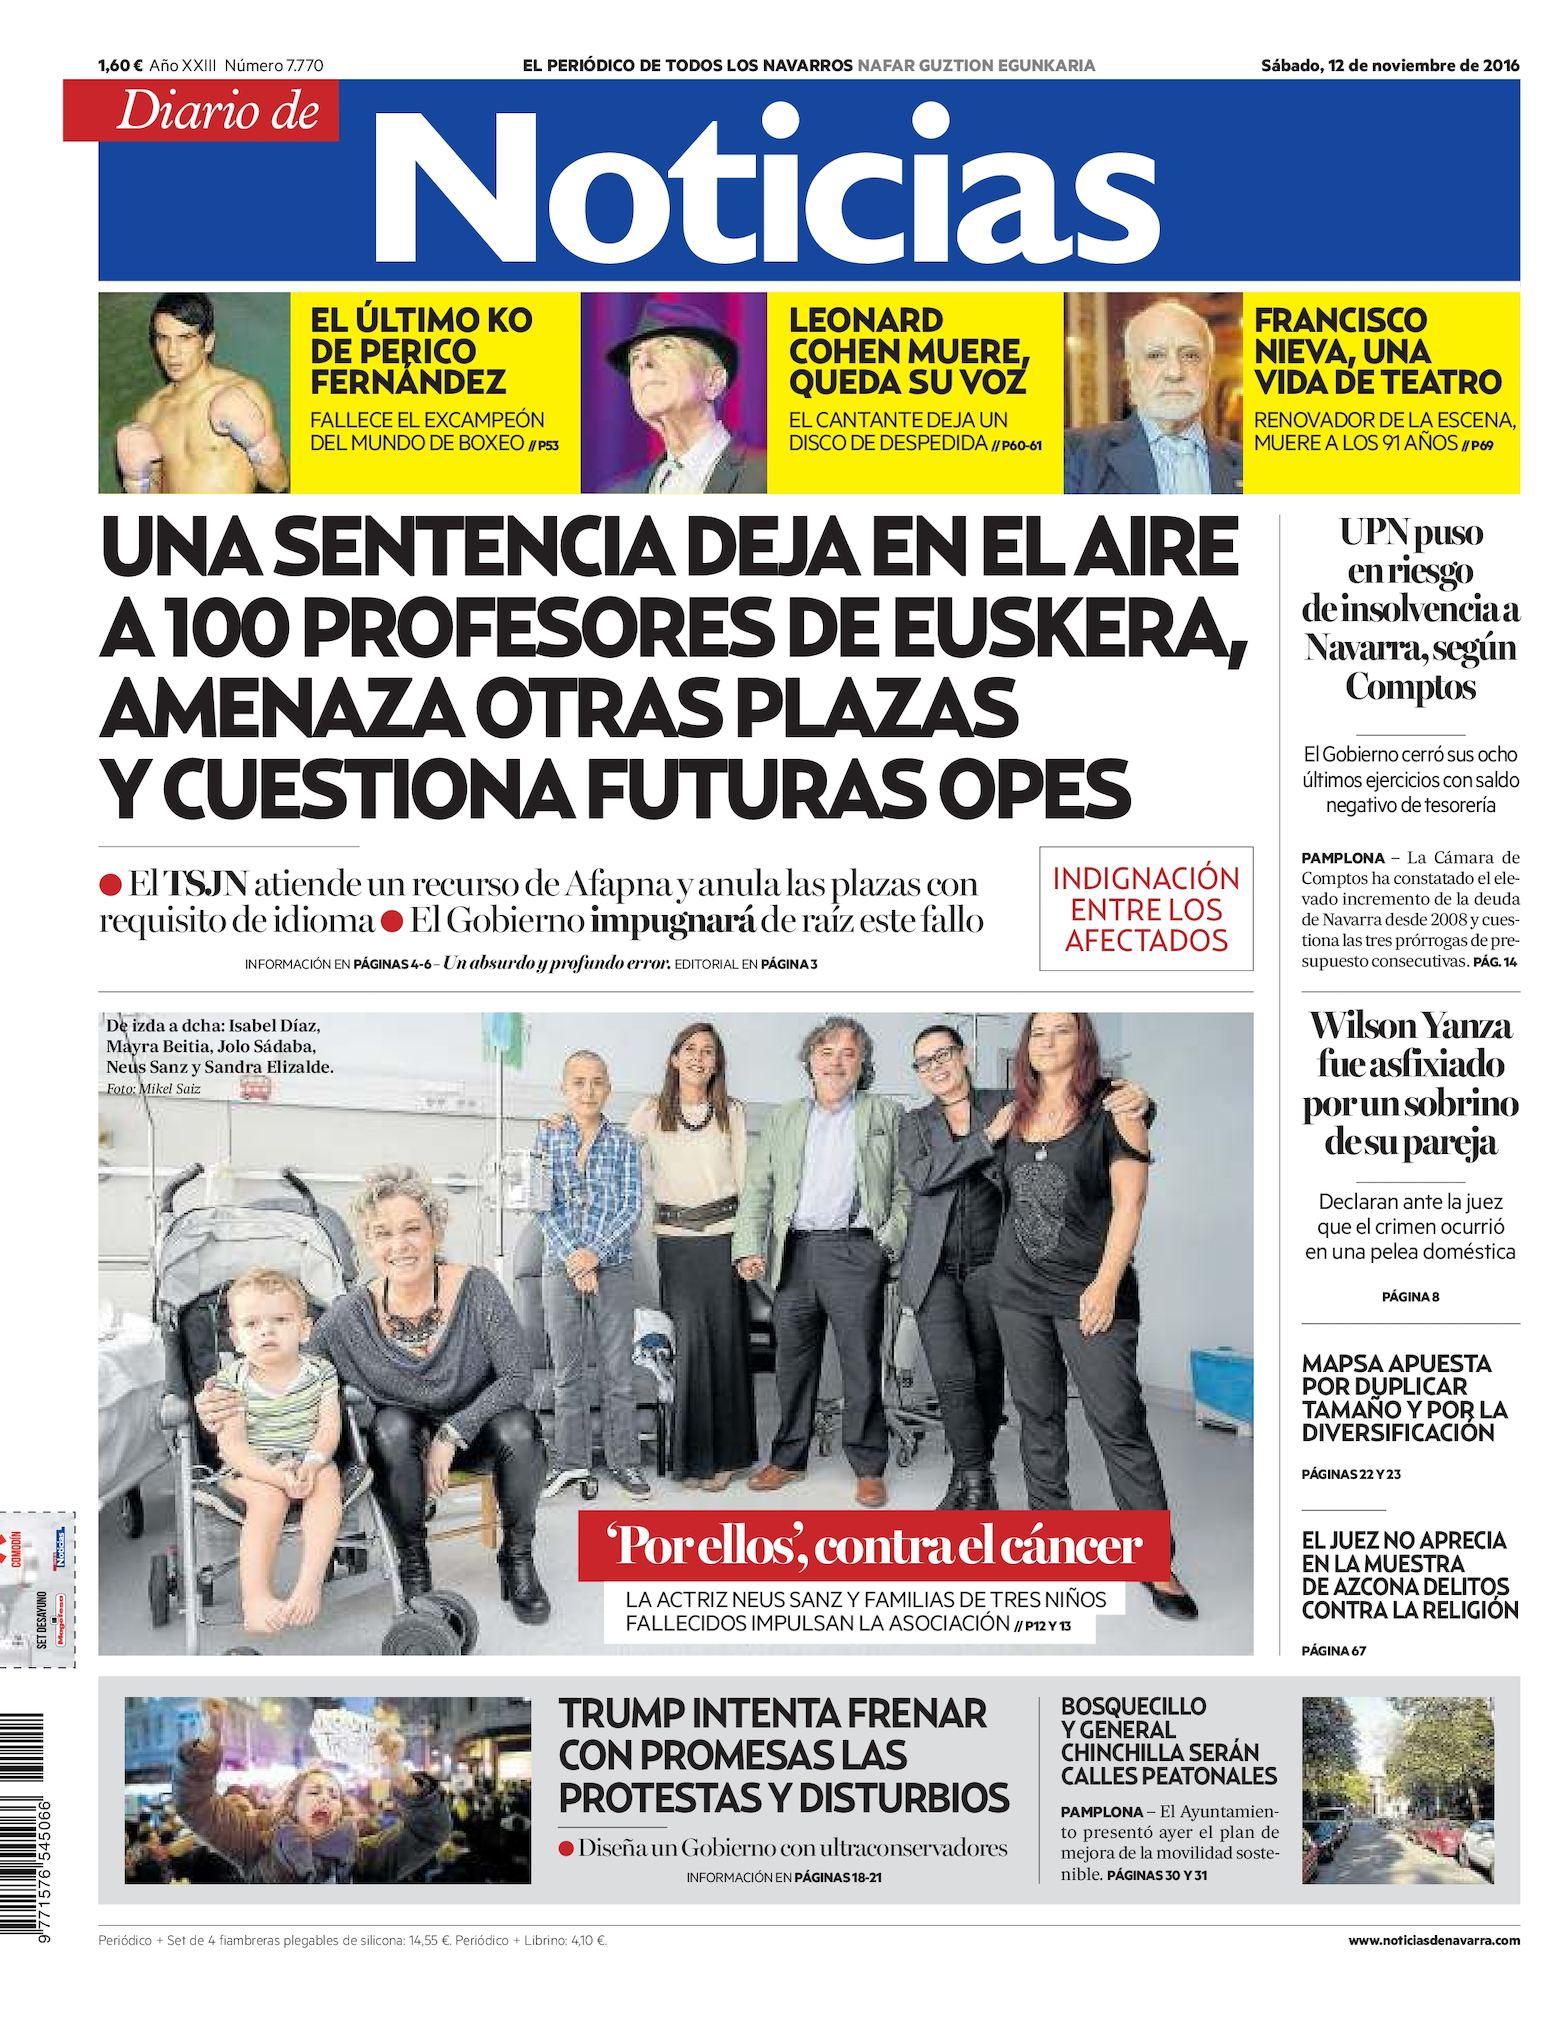 Calaméo - Diario de Noticias 20161112 931a6829698